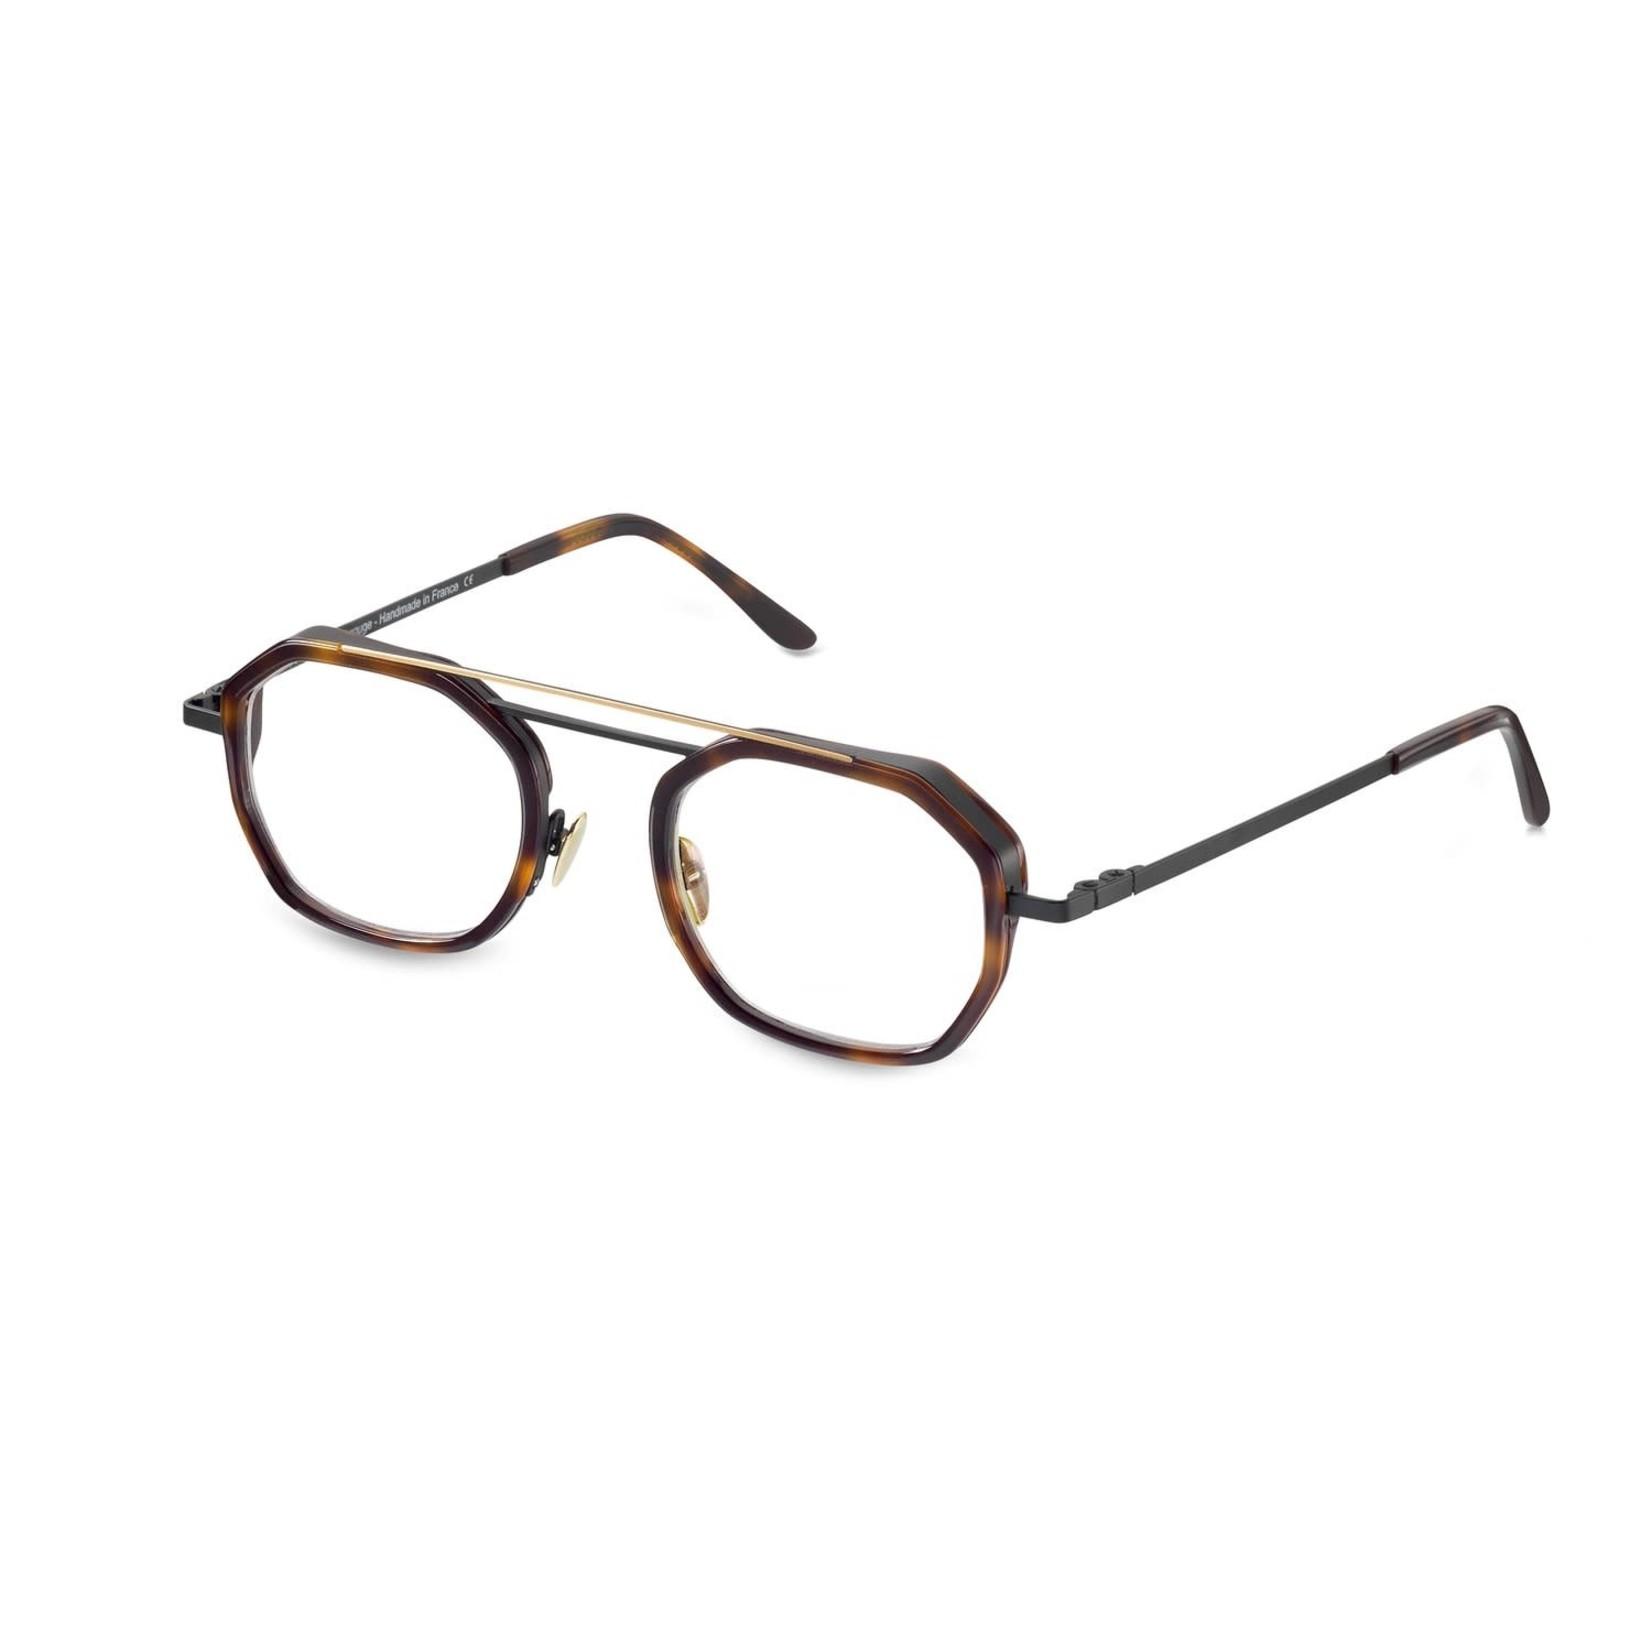 La Petite Lunette Eyewear LPLR Urben